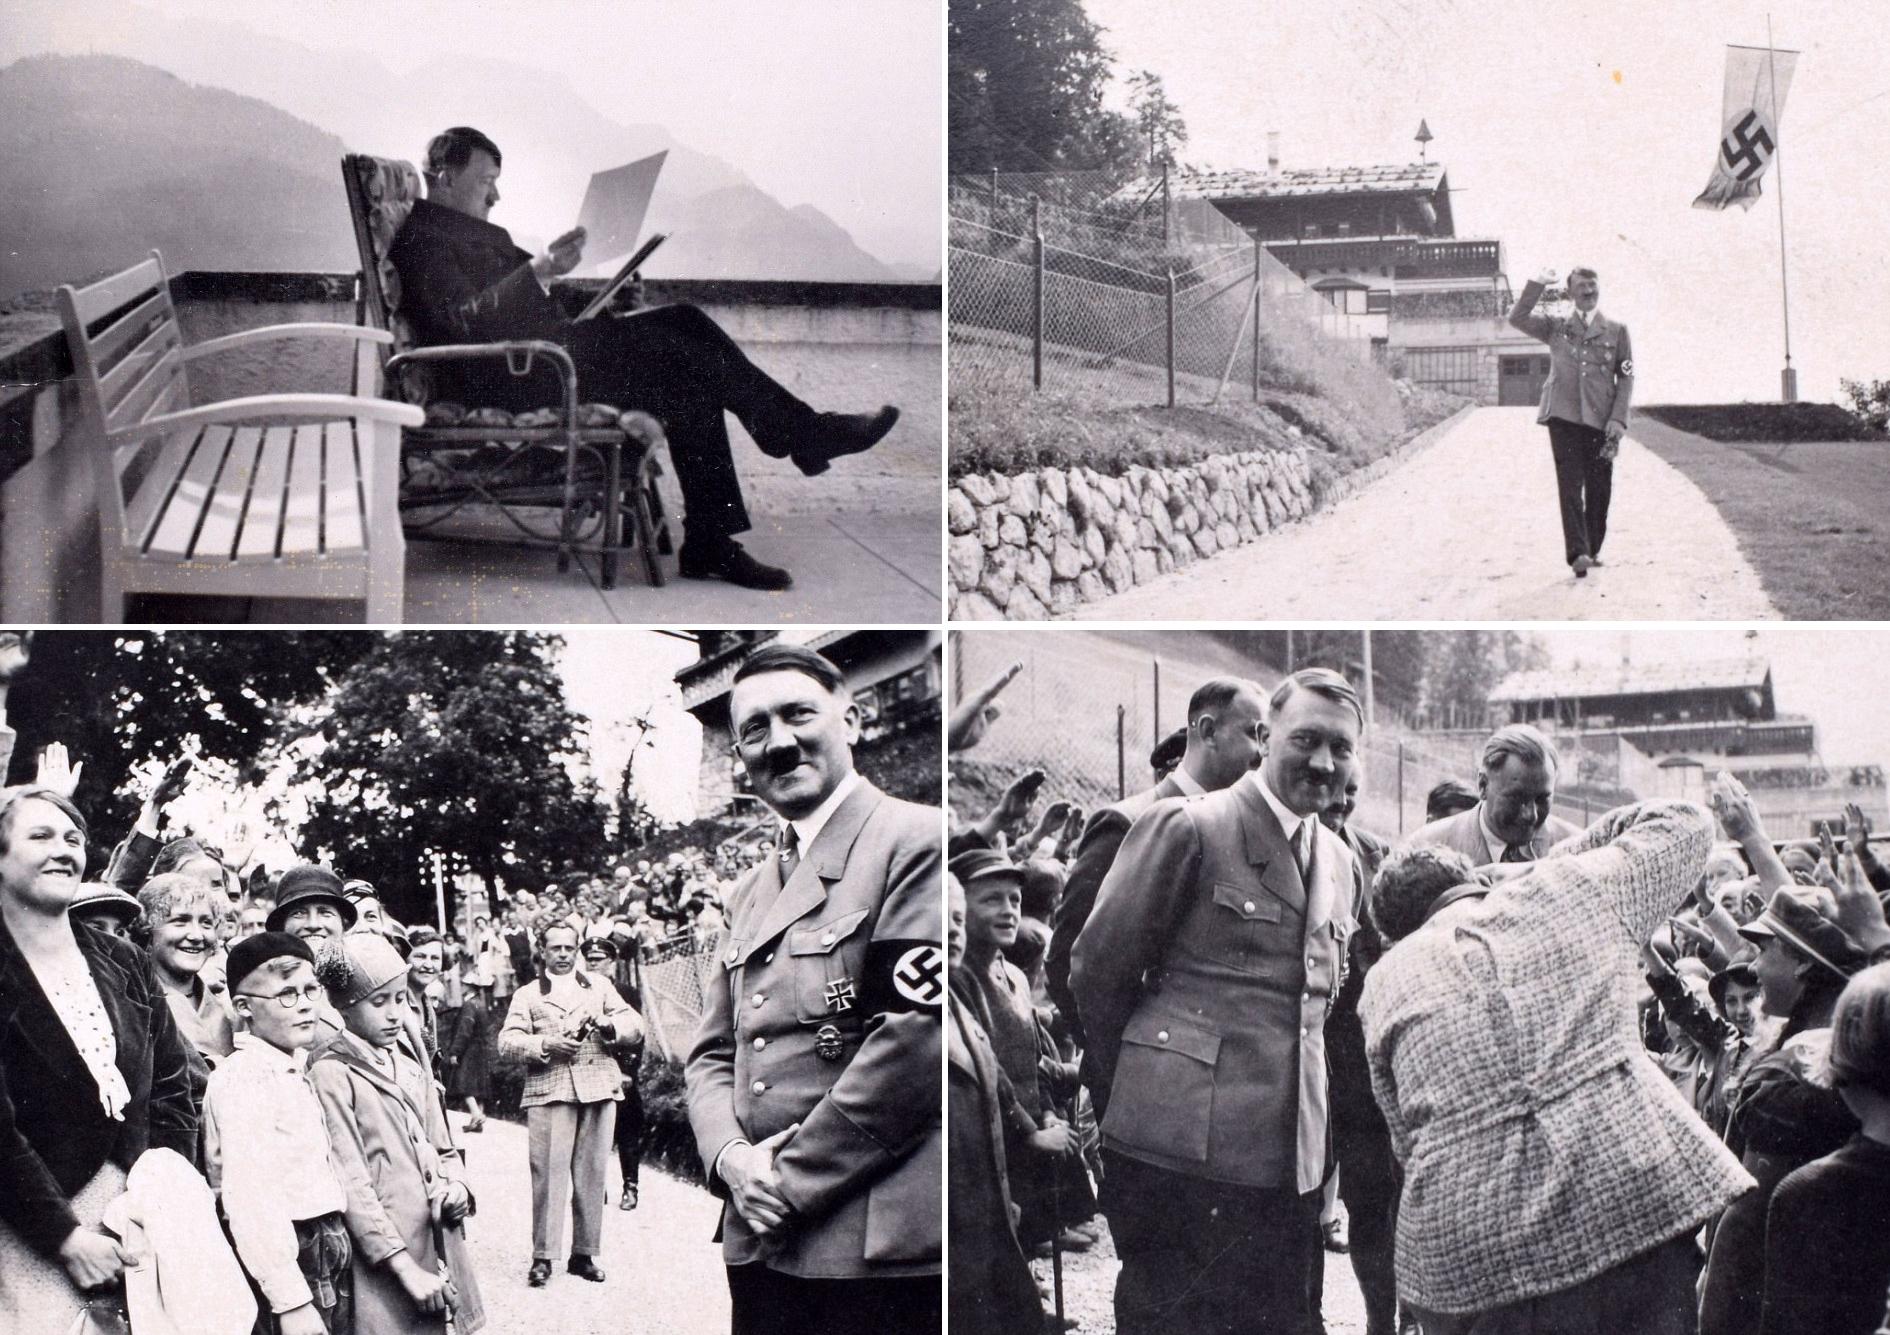 의자에 앉아 서류를 보거나(상단 왼쪽) 경례를 하는 아이들 앞에서 미소띤 히틀러의 모습(아래 사진).[사진 데일리메일]